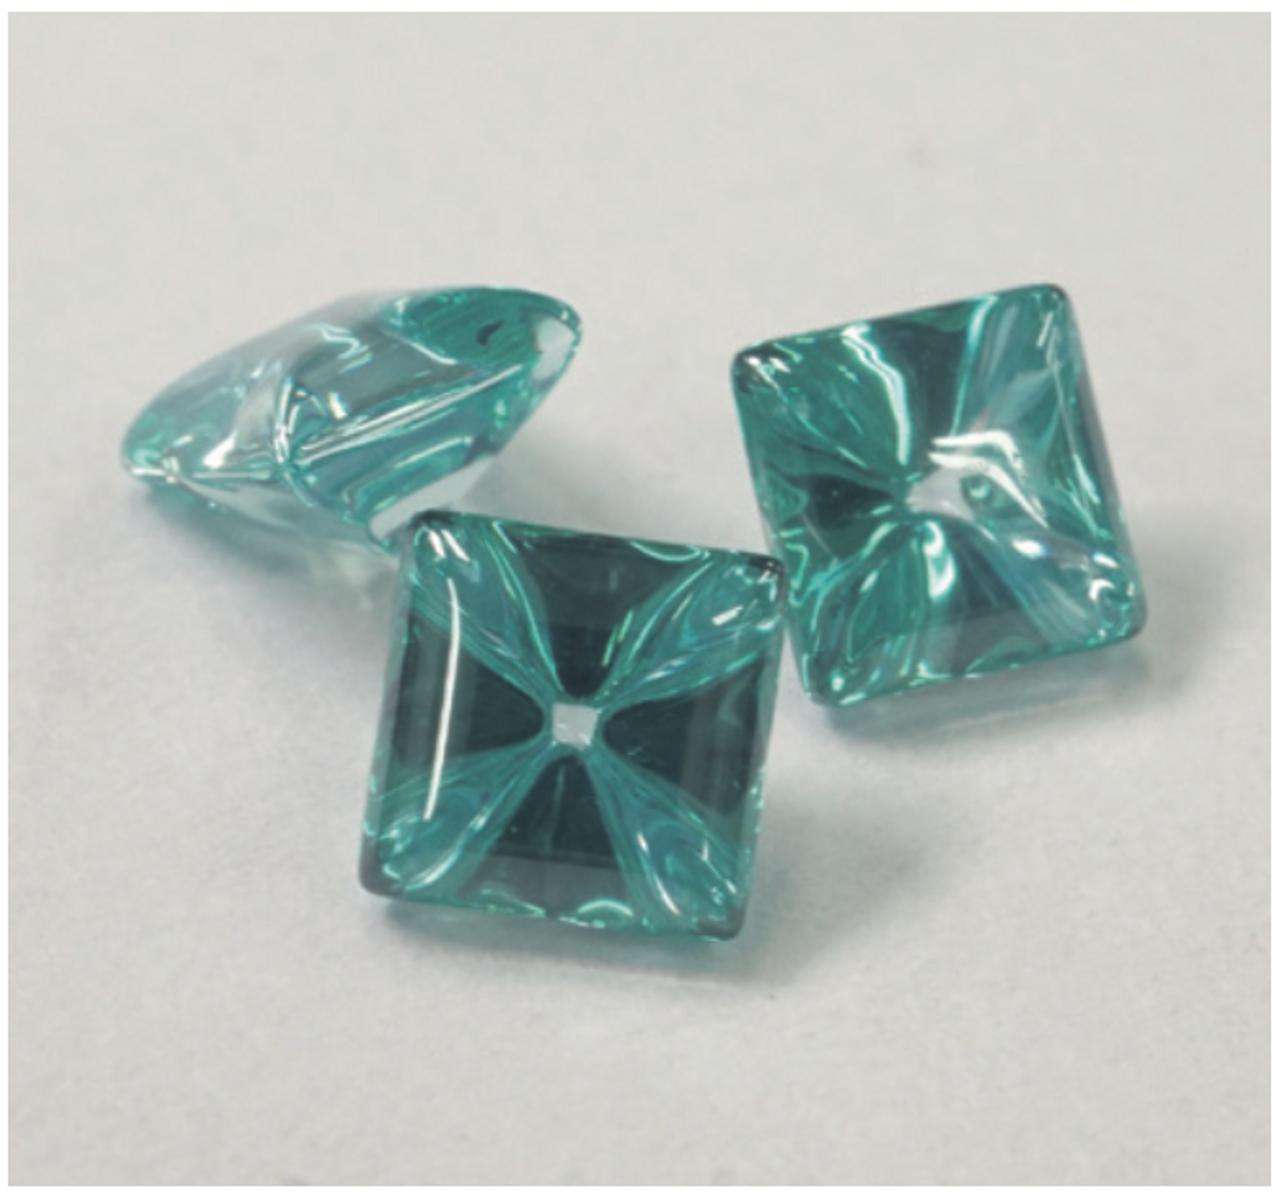 Liquid cut turquoise square stones.